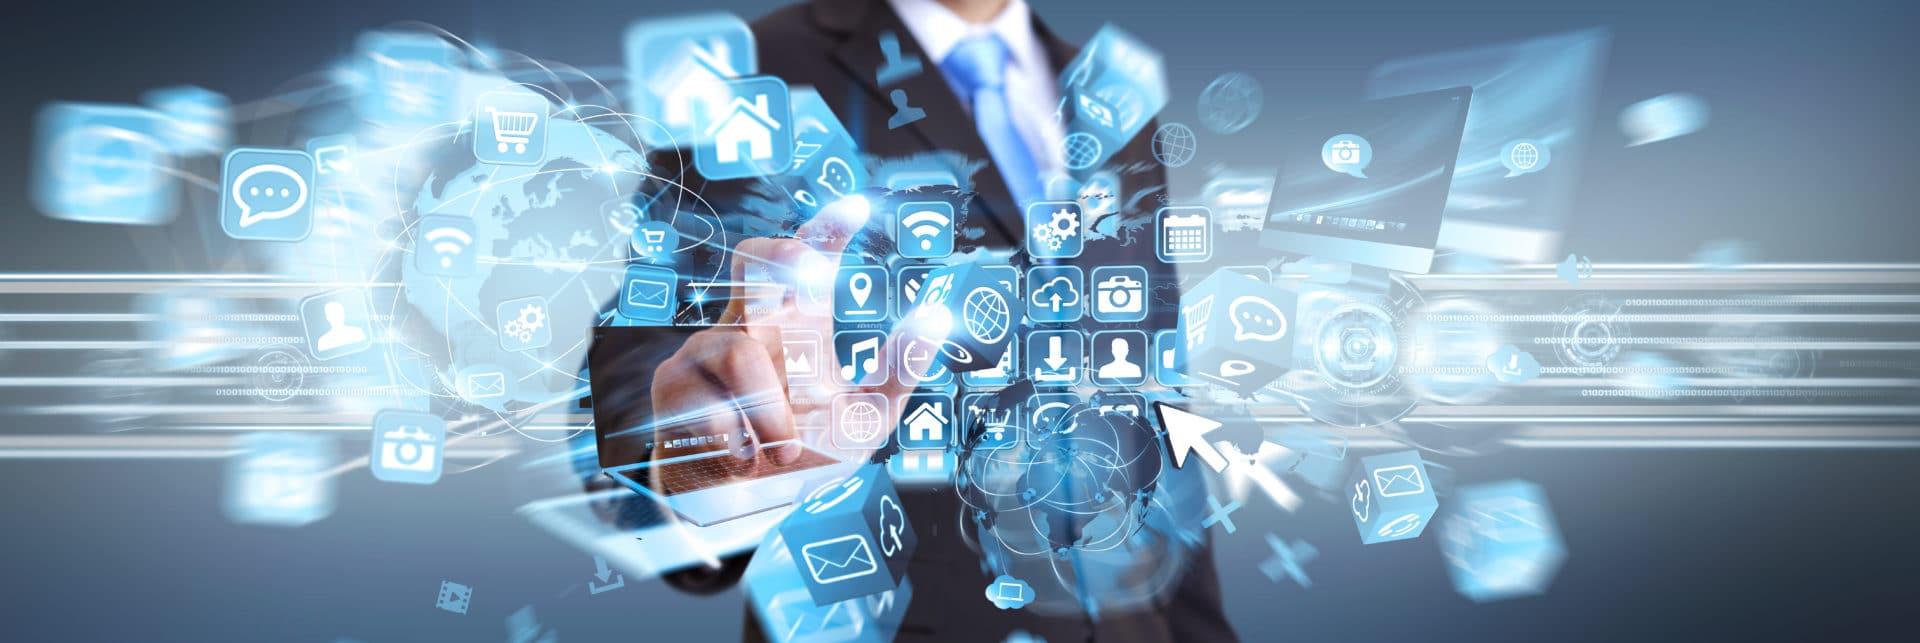 Welche Rollen sind im #Geschäftsführungsbereich heute und in Zukunft relevant: CIO, CTO, CDO oder der #ChiefDataOfficer? Wir haben uns mit den Rollen und Funktionen genauer beschäftigt…